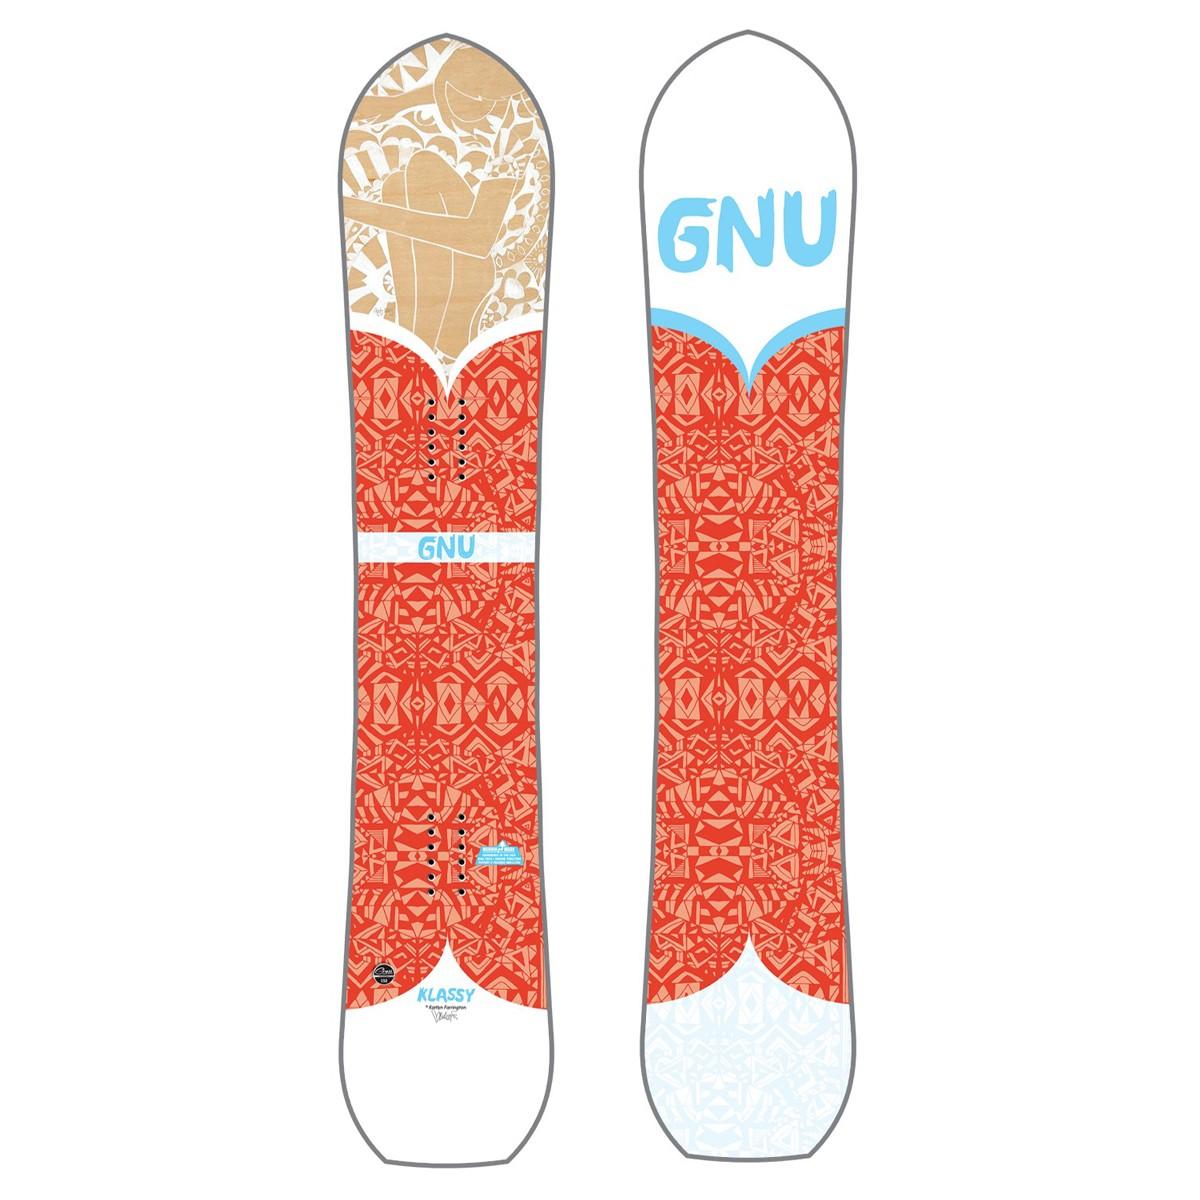 Сноуборд Gnu 2017-18 Klassy C2X